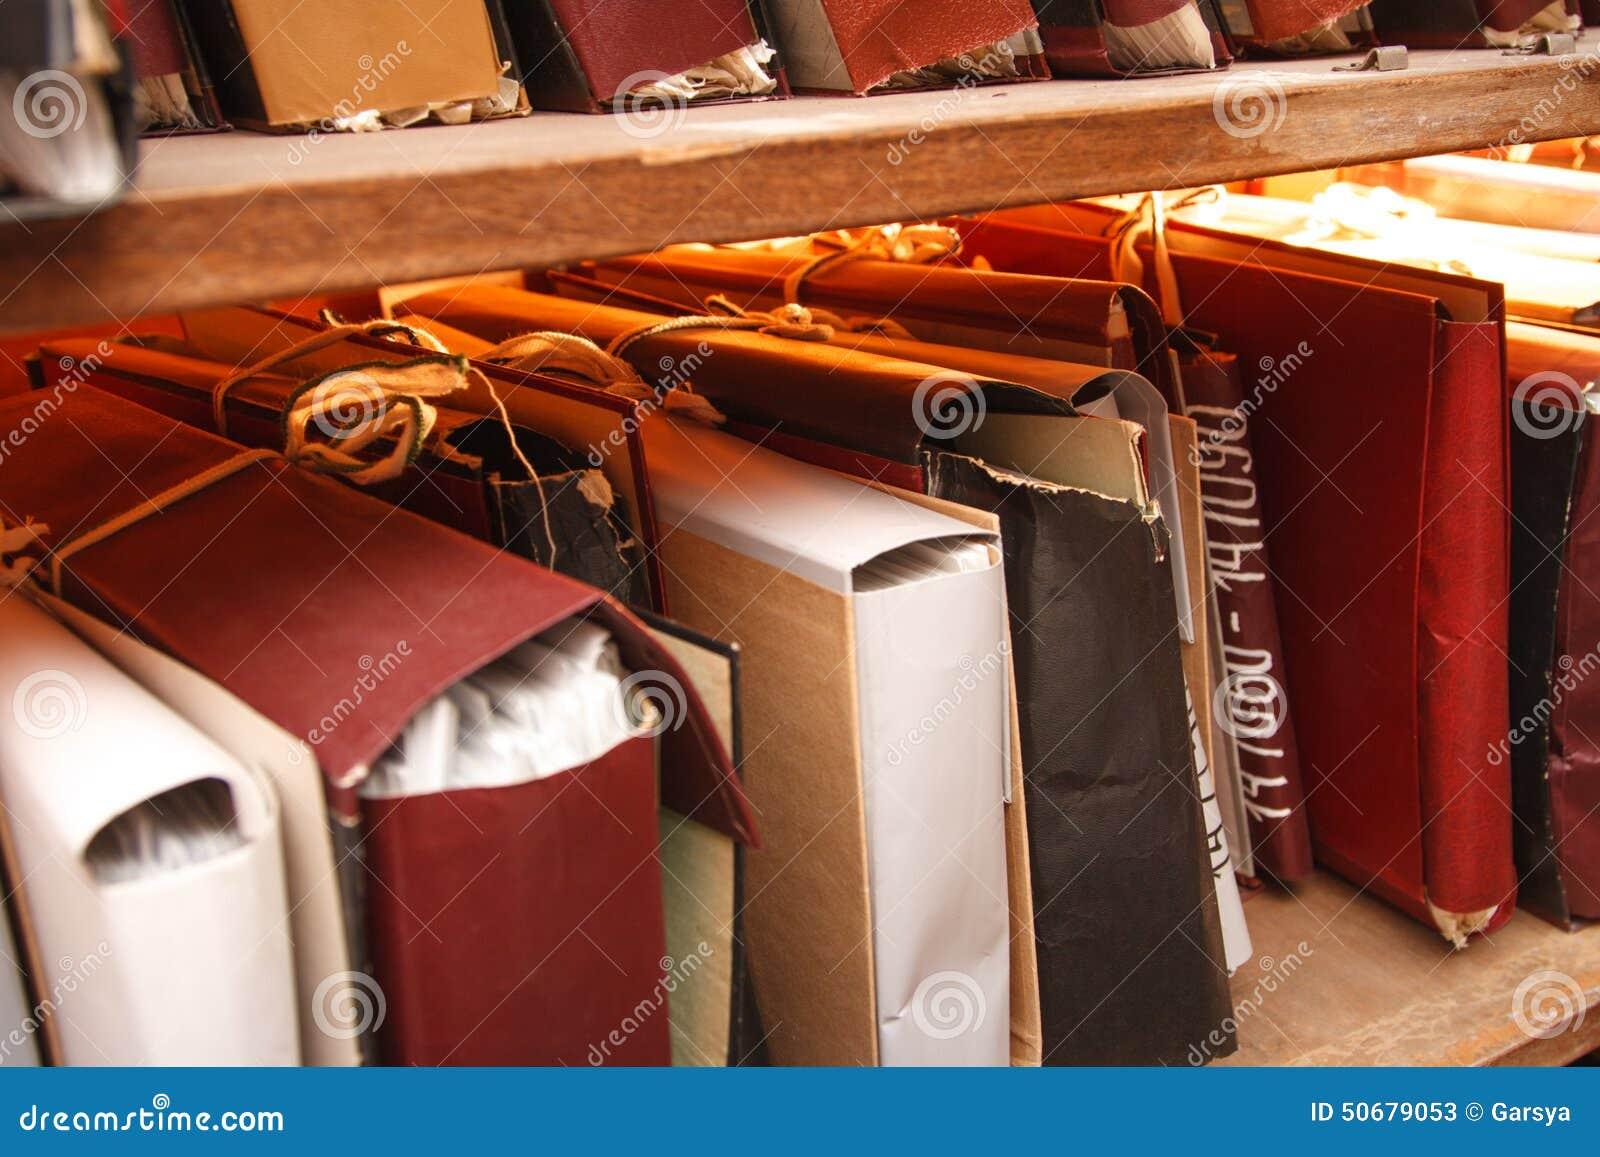 Download 在档案里堆积的纸张文件 库存图片. 图片 包括有 办公室, 图书馆, 组织, 工作, 研究, 专门技术, 架子 - 50679053